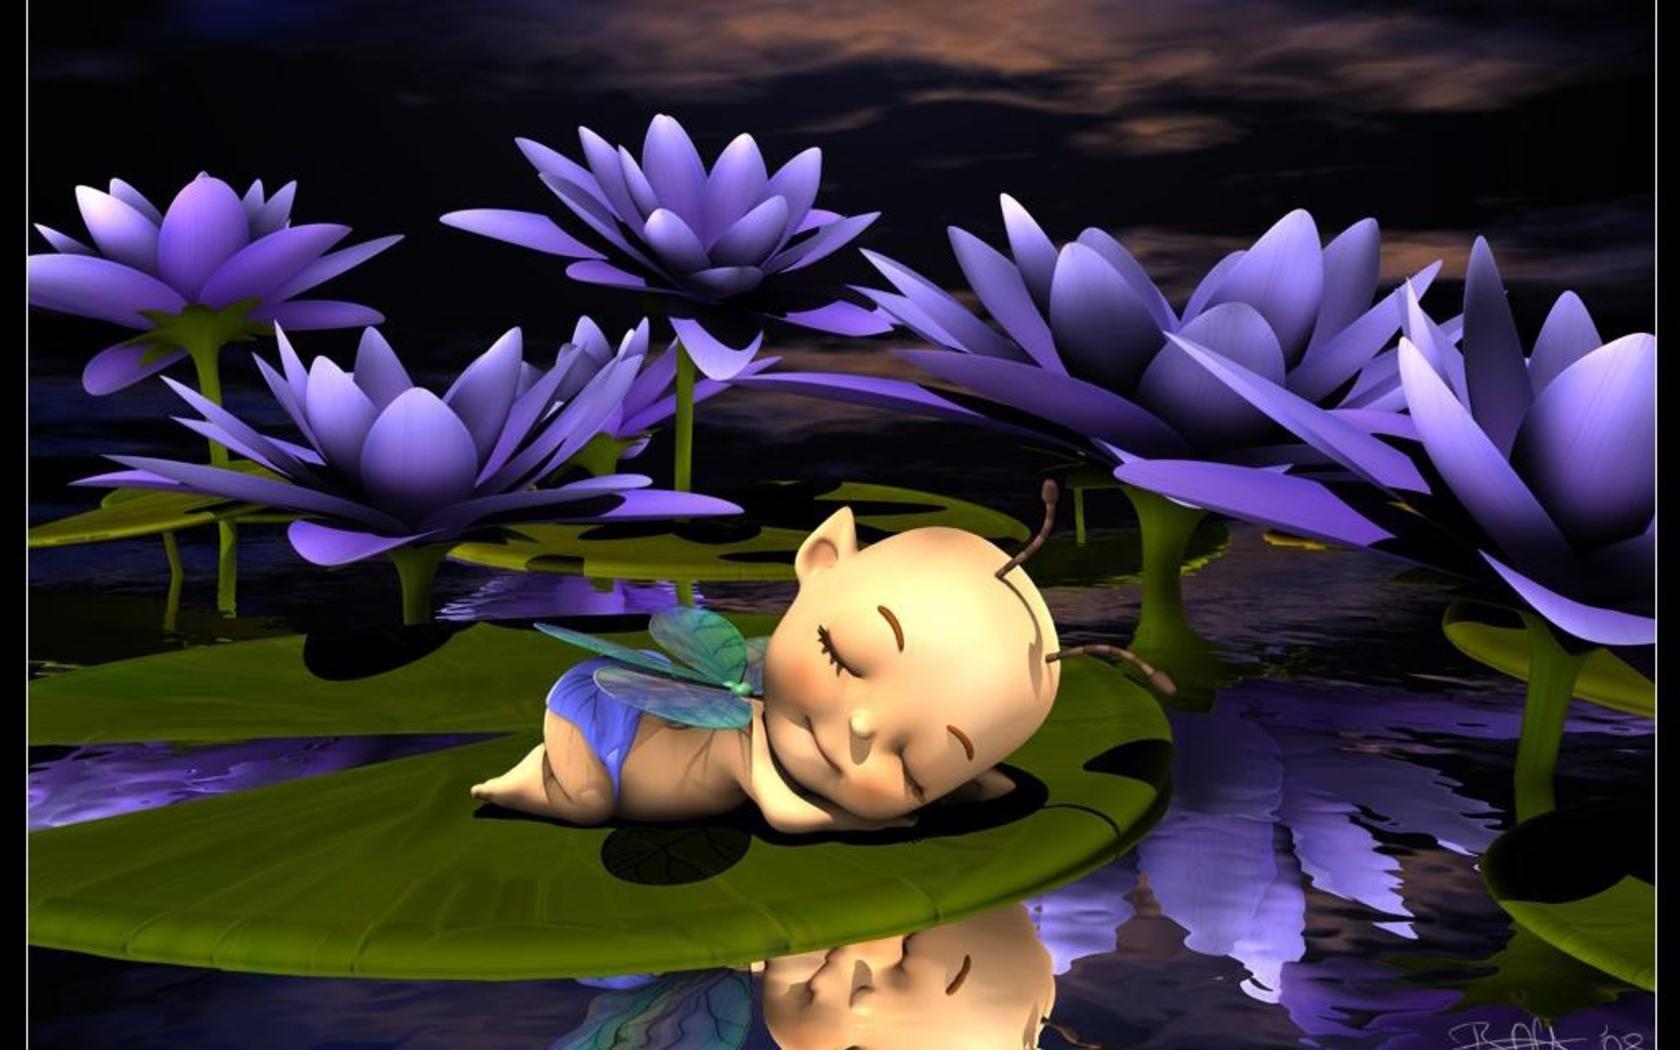 Cute Baby Fairies: Fairy Cute Babies Wallpapers